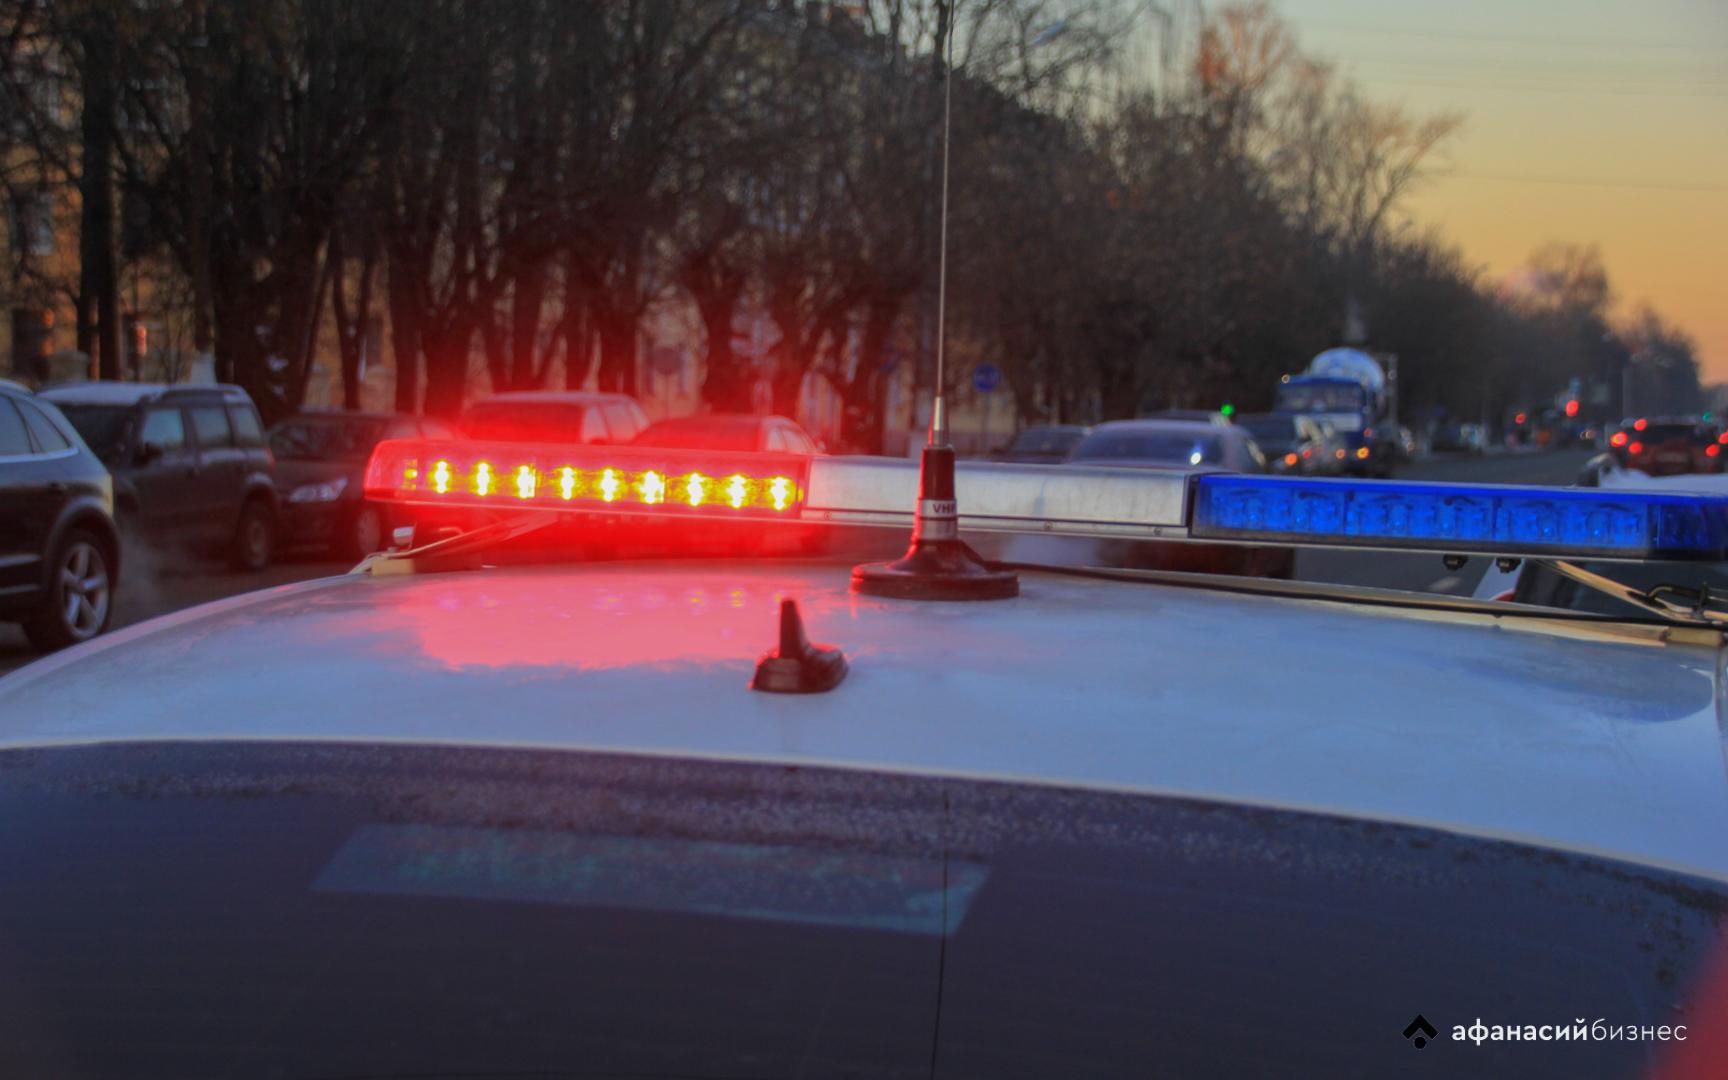 Водитель кроссовера, не имевший ни одного нарушения ПДД, погиб в ДТП на трассе М11 в Тверской области - новости Афанасий